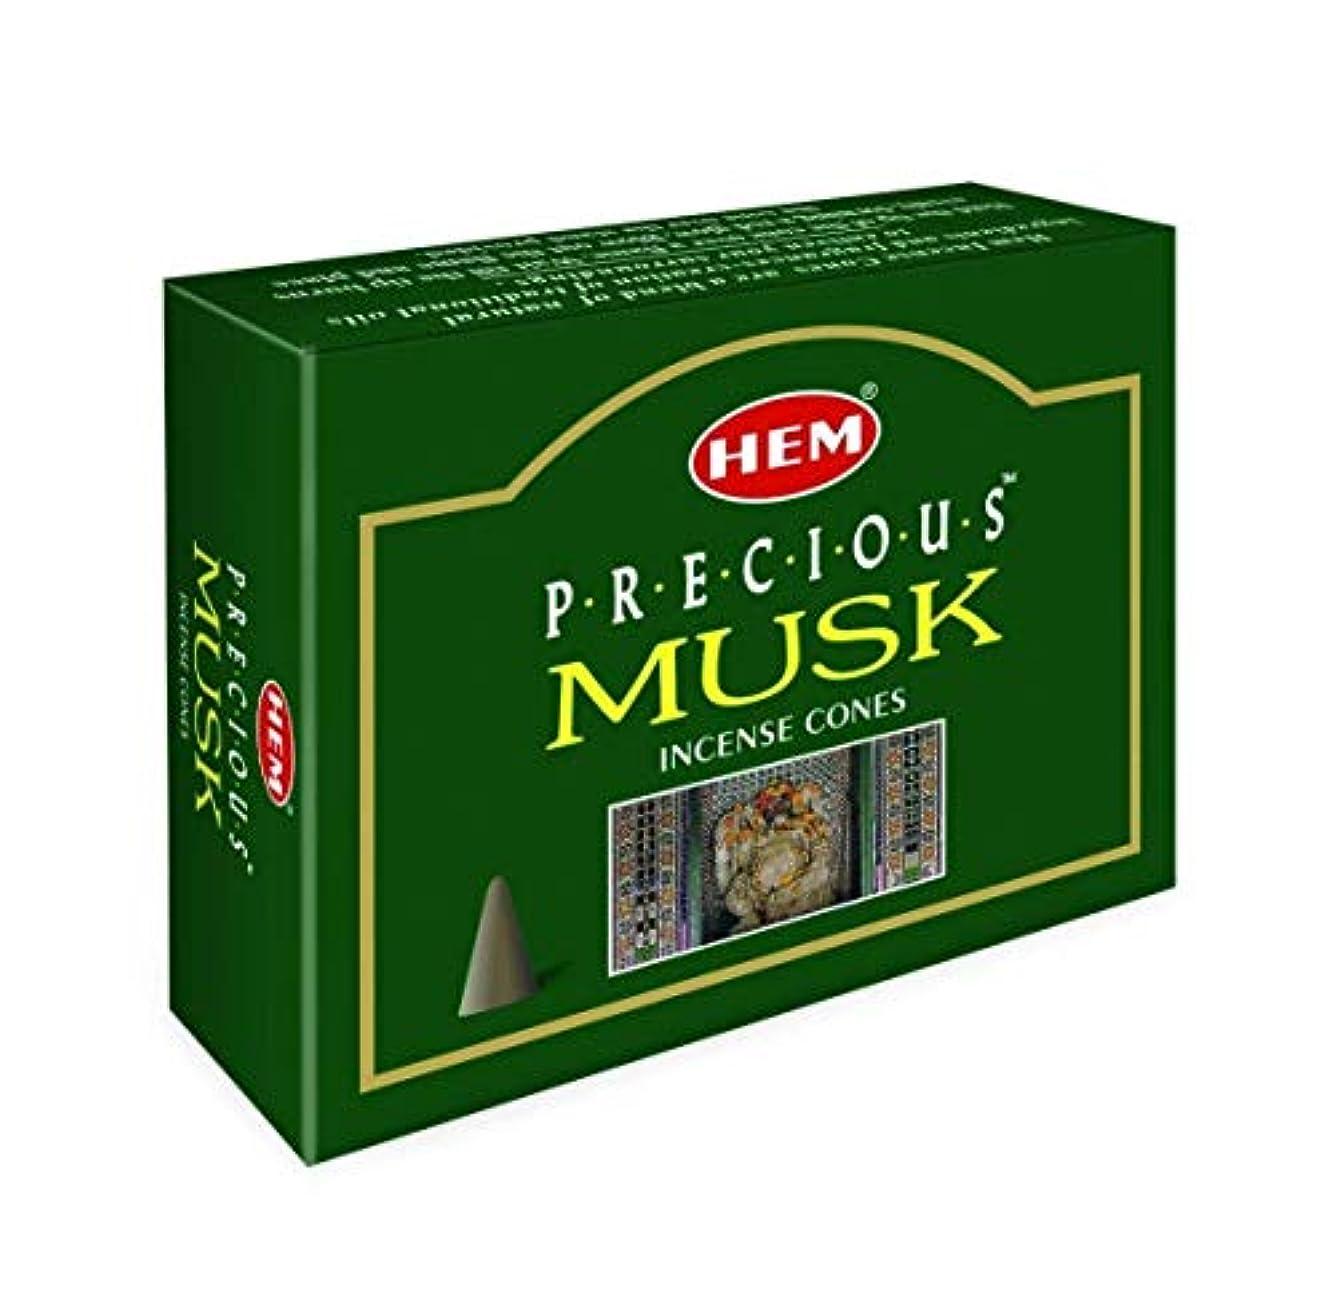 山対応する真実HEM(ヘム) プレシャスムスク香 コーンタイプ PRECIOUS MUSK CORN 12箱セット